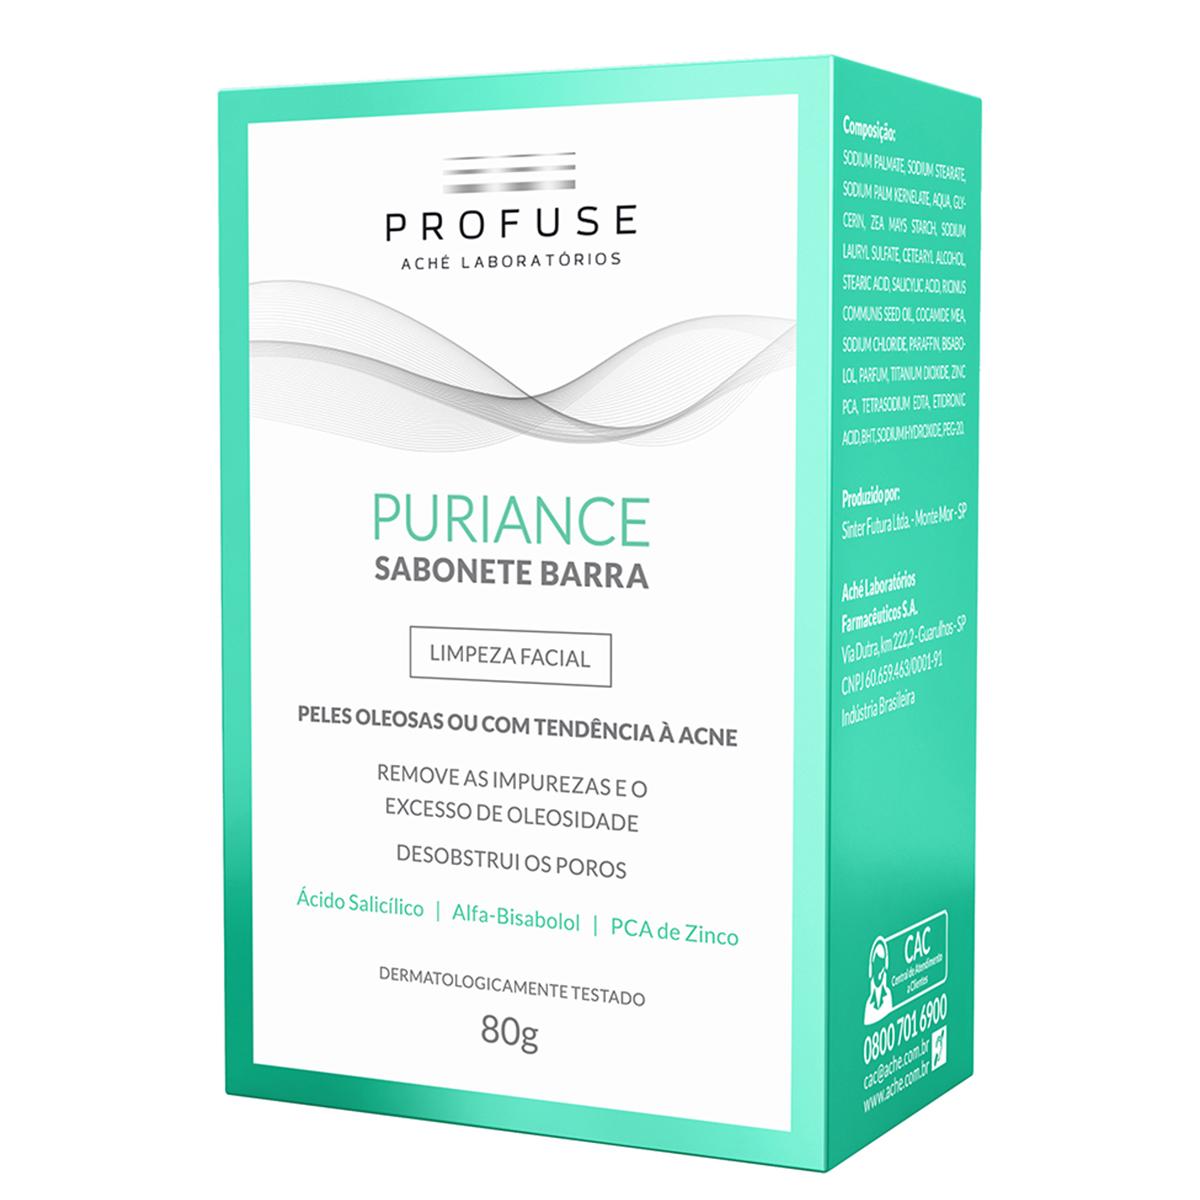 Sabonete Facial em Barra Profuse Puriance Pele Oleosa a Acneica com 80g 80g